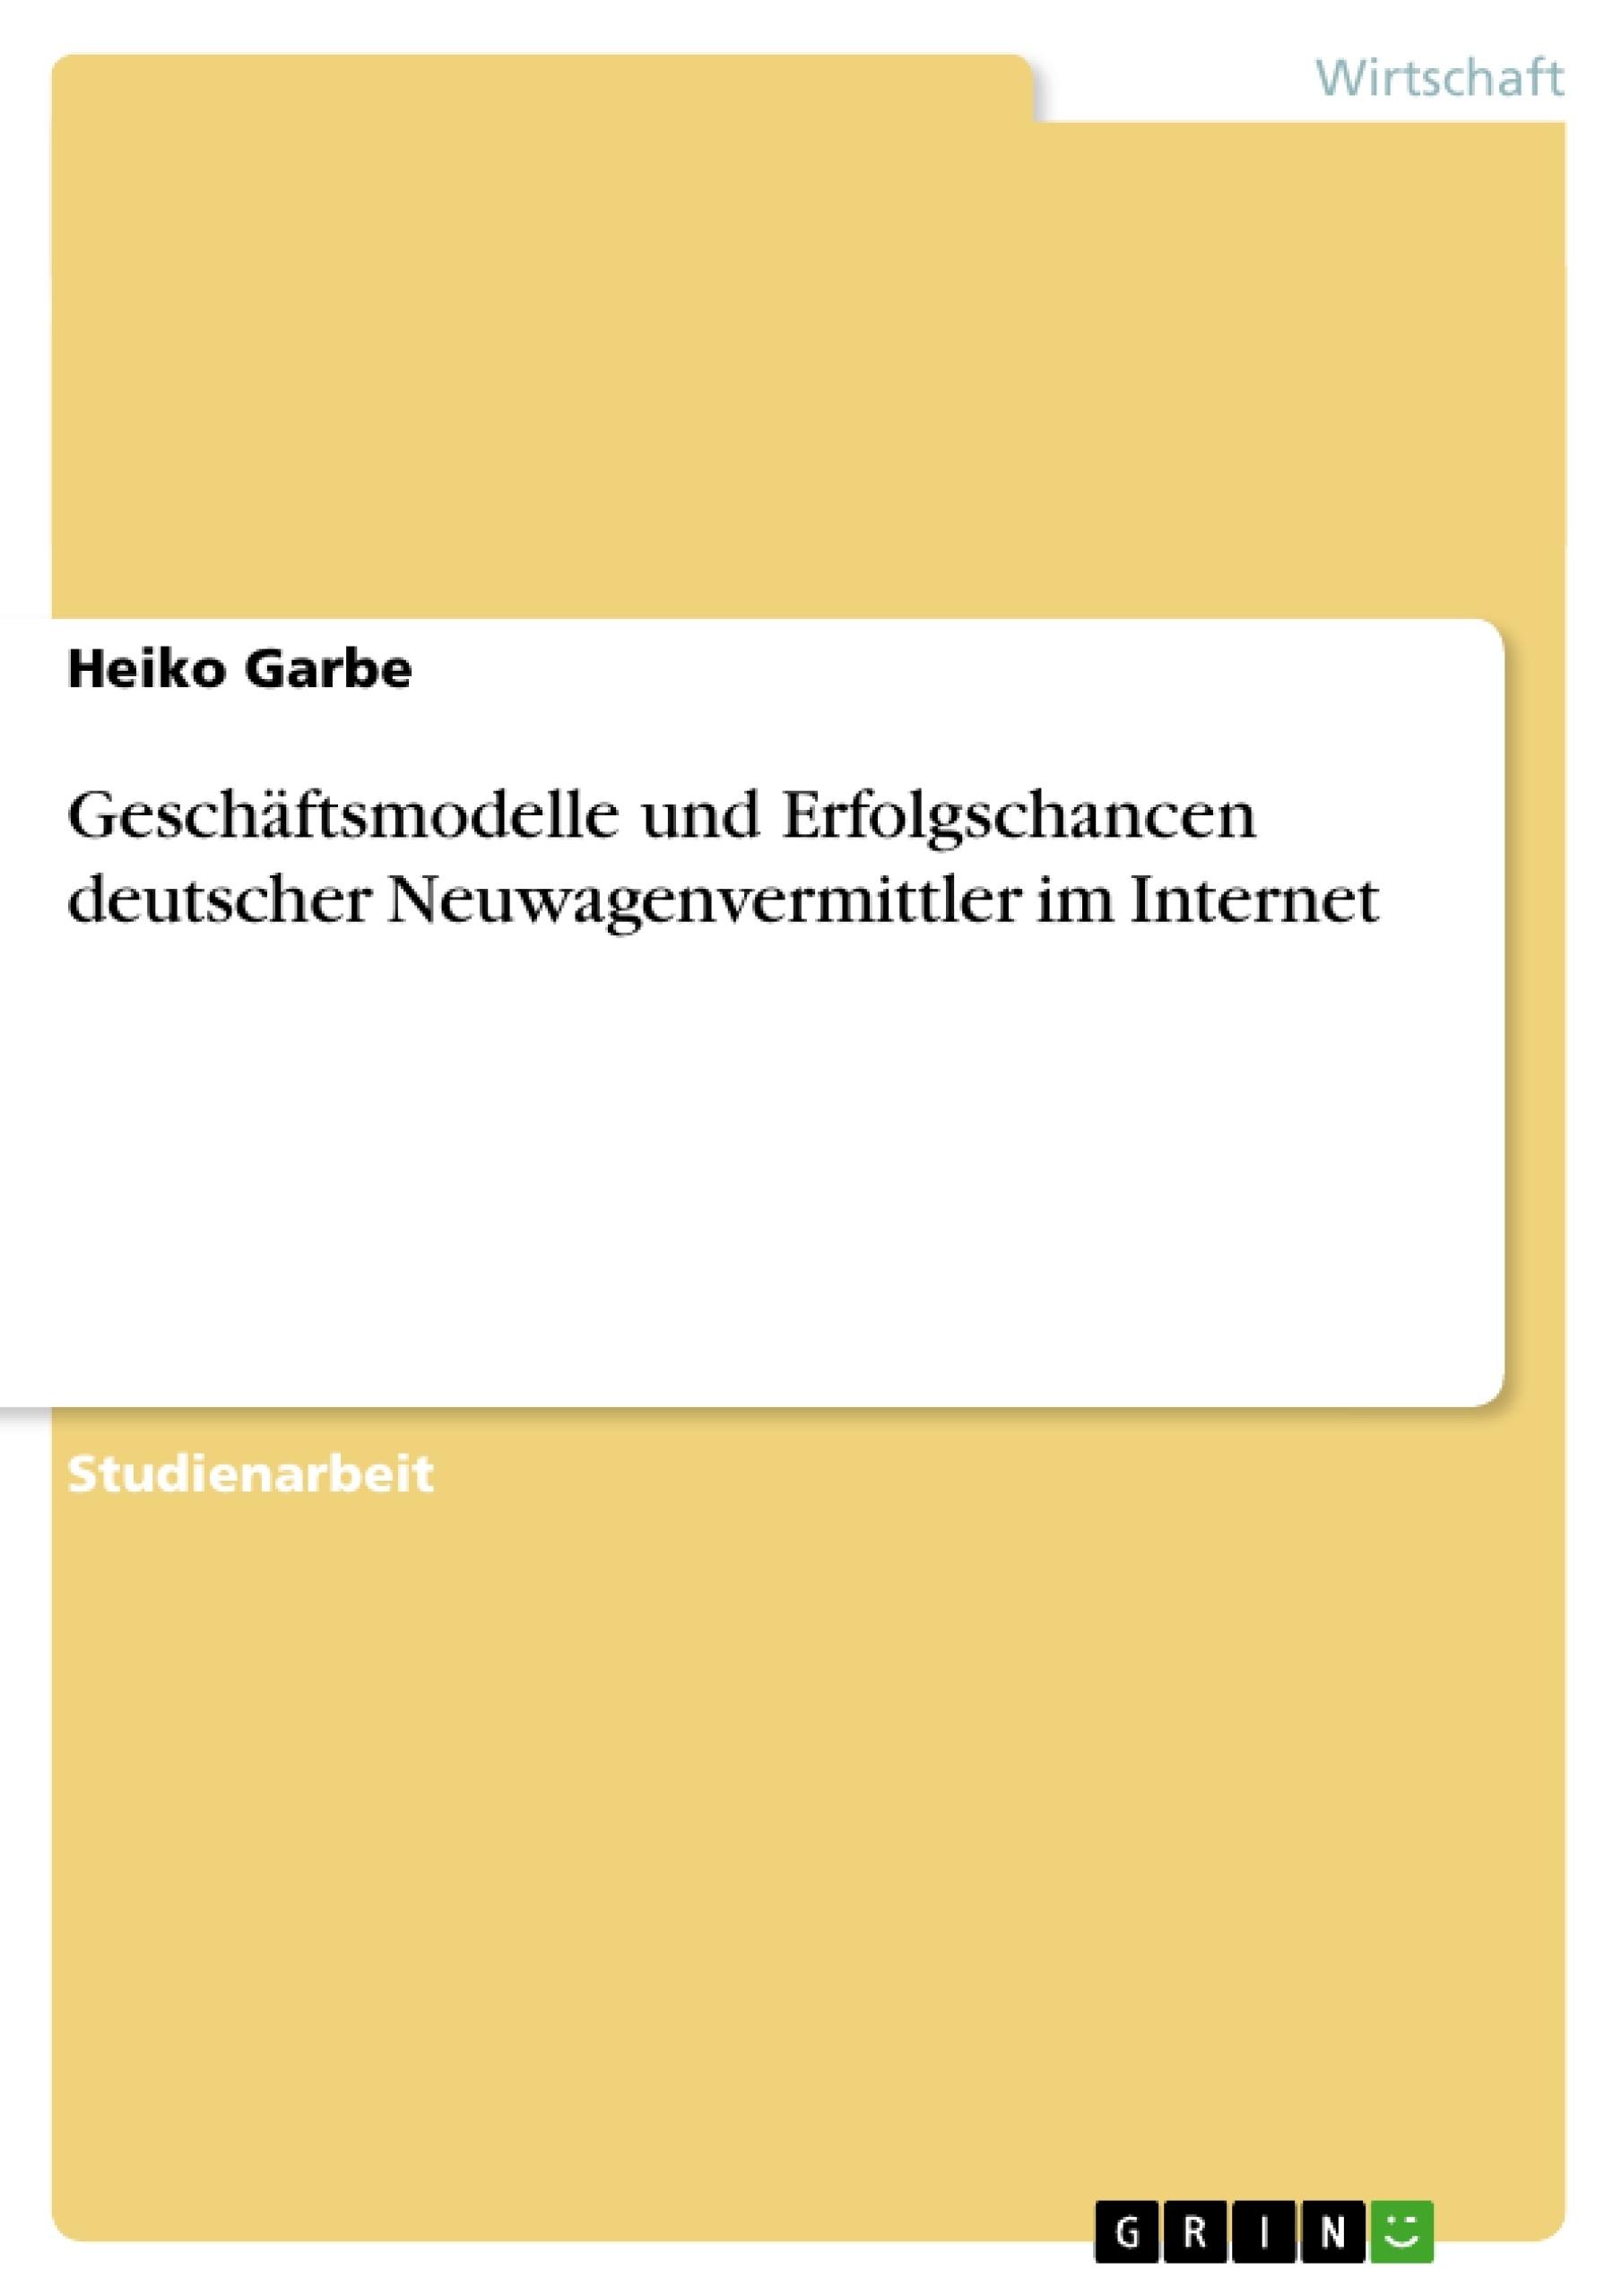 Titel: Geschäftsmodelle und Erfolgschancen deutscher Neuwagenvermittler im Internet